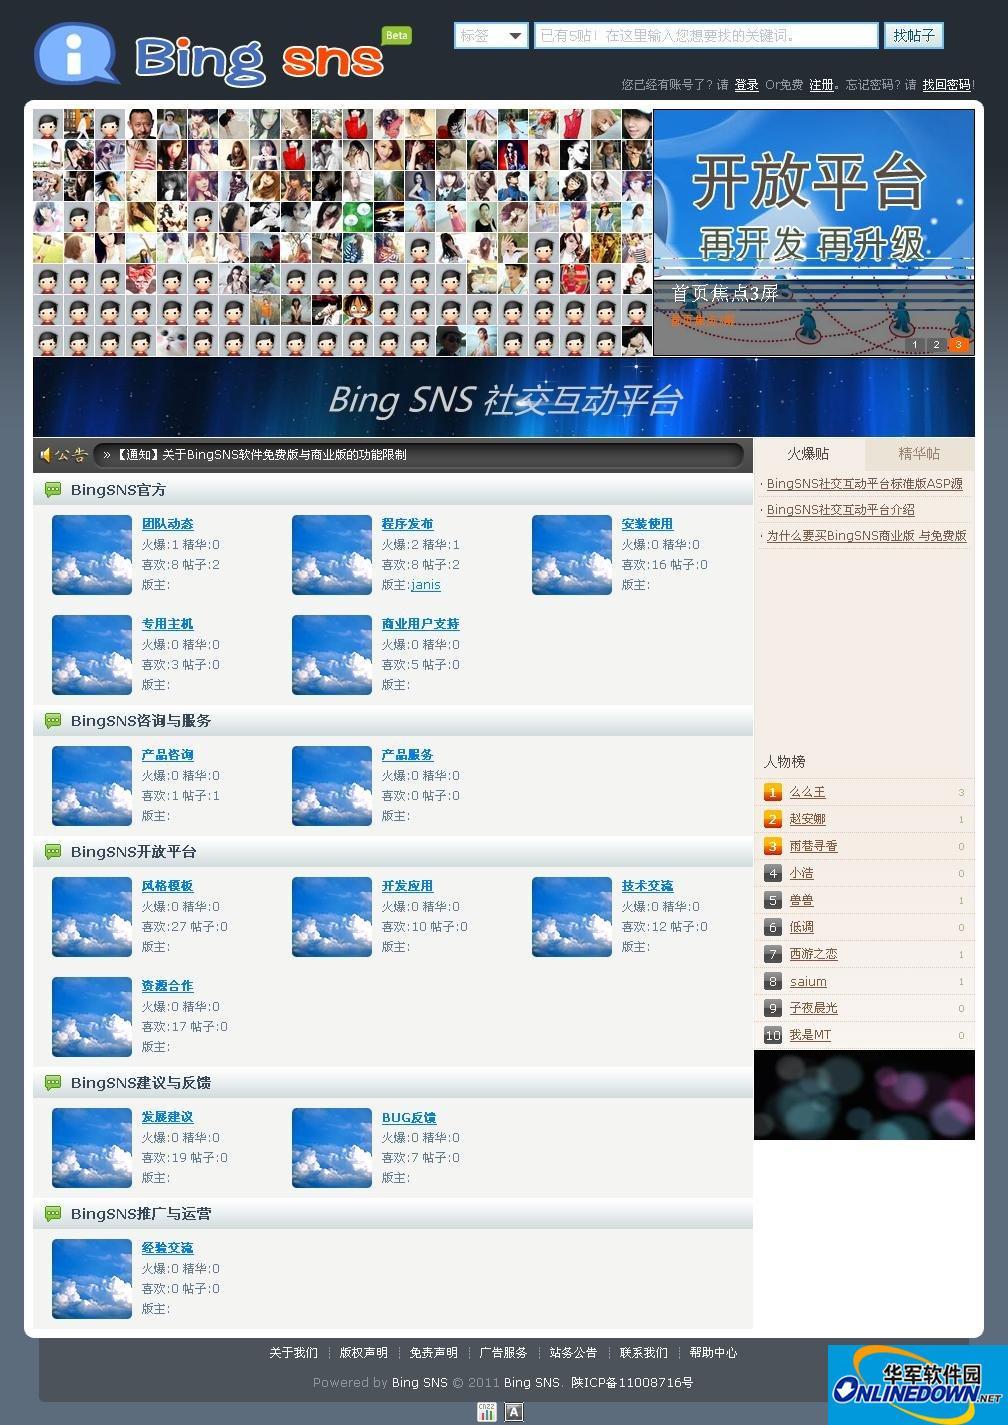 BingSNS社交互动平台